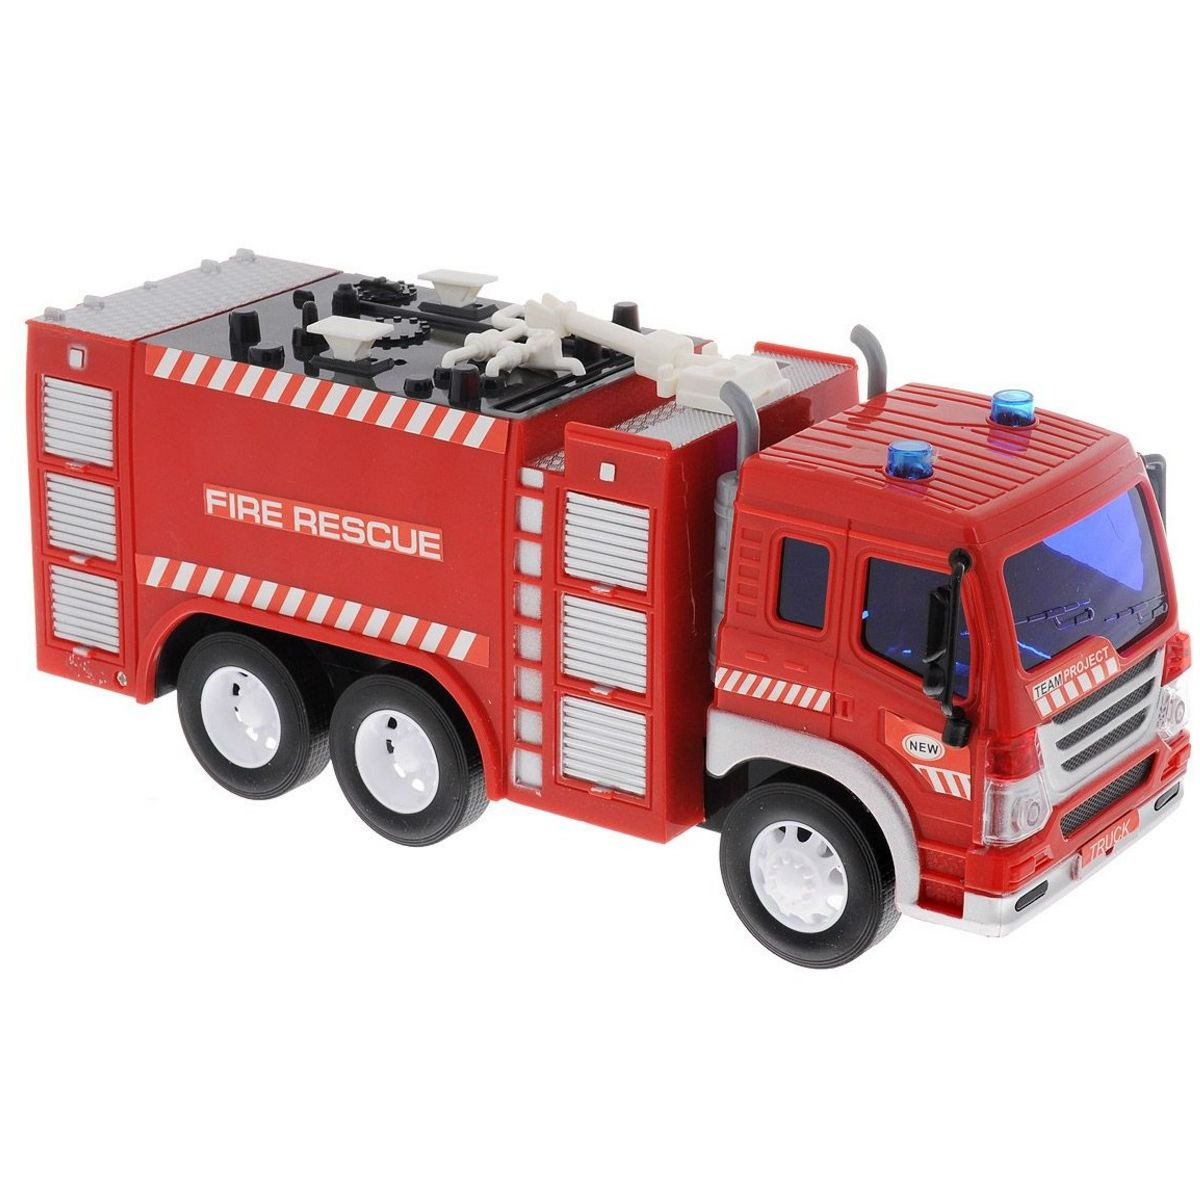 Машина Пожарная 1:16, от 3-х лет, инерционная, световые и звуковые эффекты ABtoys, Спецслужбы  - купить со скидкой